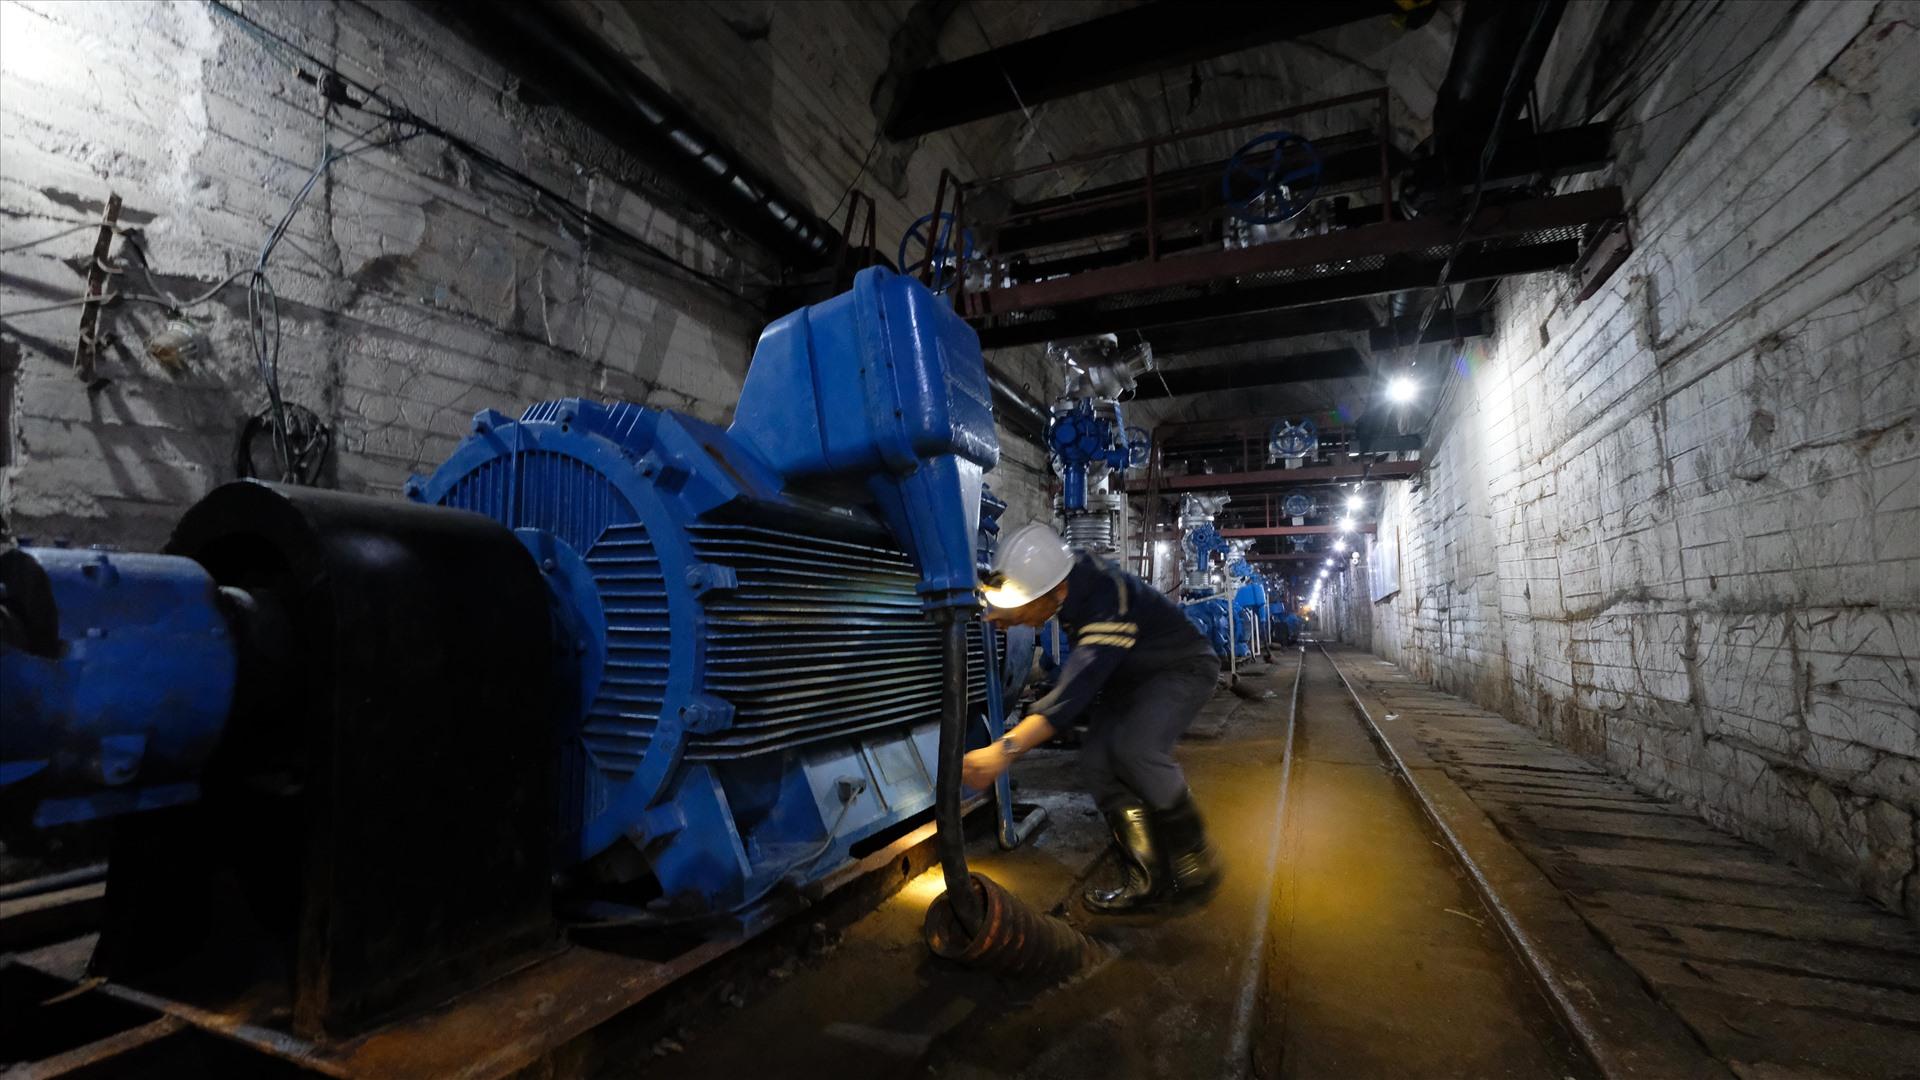 Hệ thống khu hầm chứa, trạm bơm nước công suất lớn luôn trong trạng thái vận hành tức thì, bảo đảm an toàn cho việc khai thác hàng nghìn tấn than mỗi ngày.